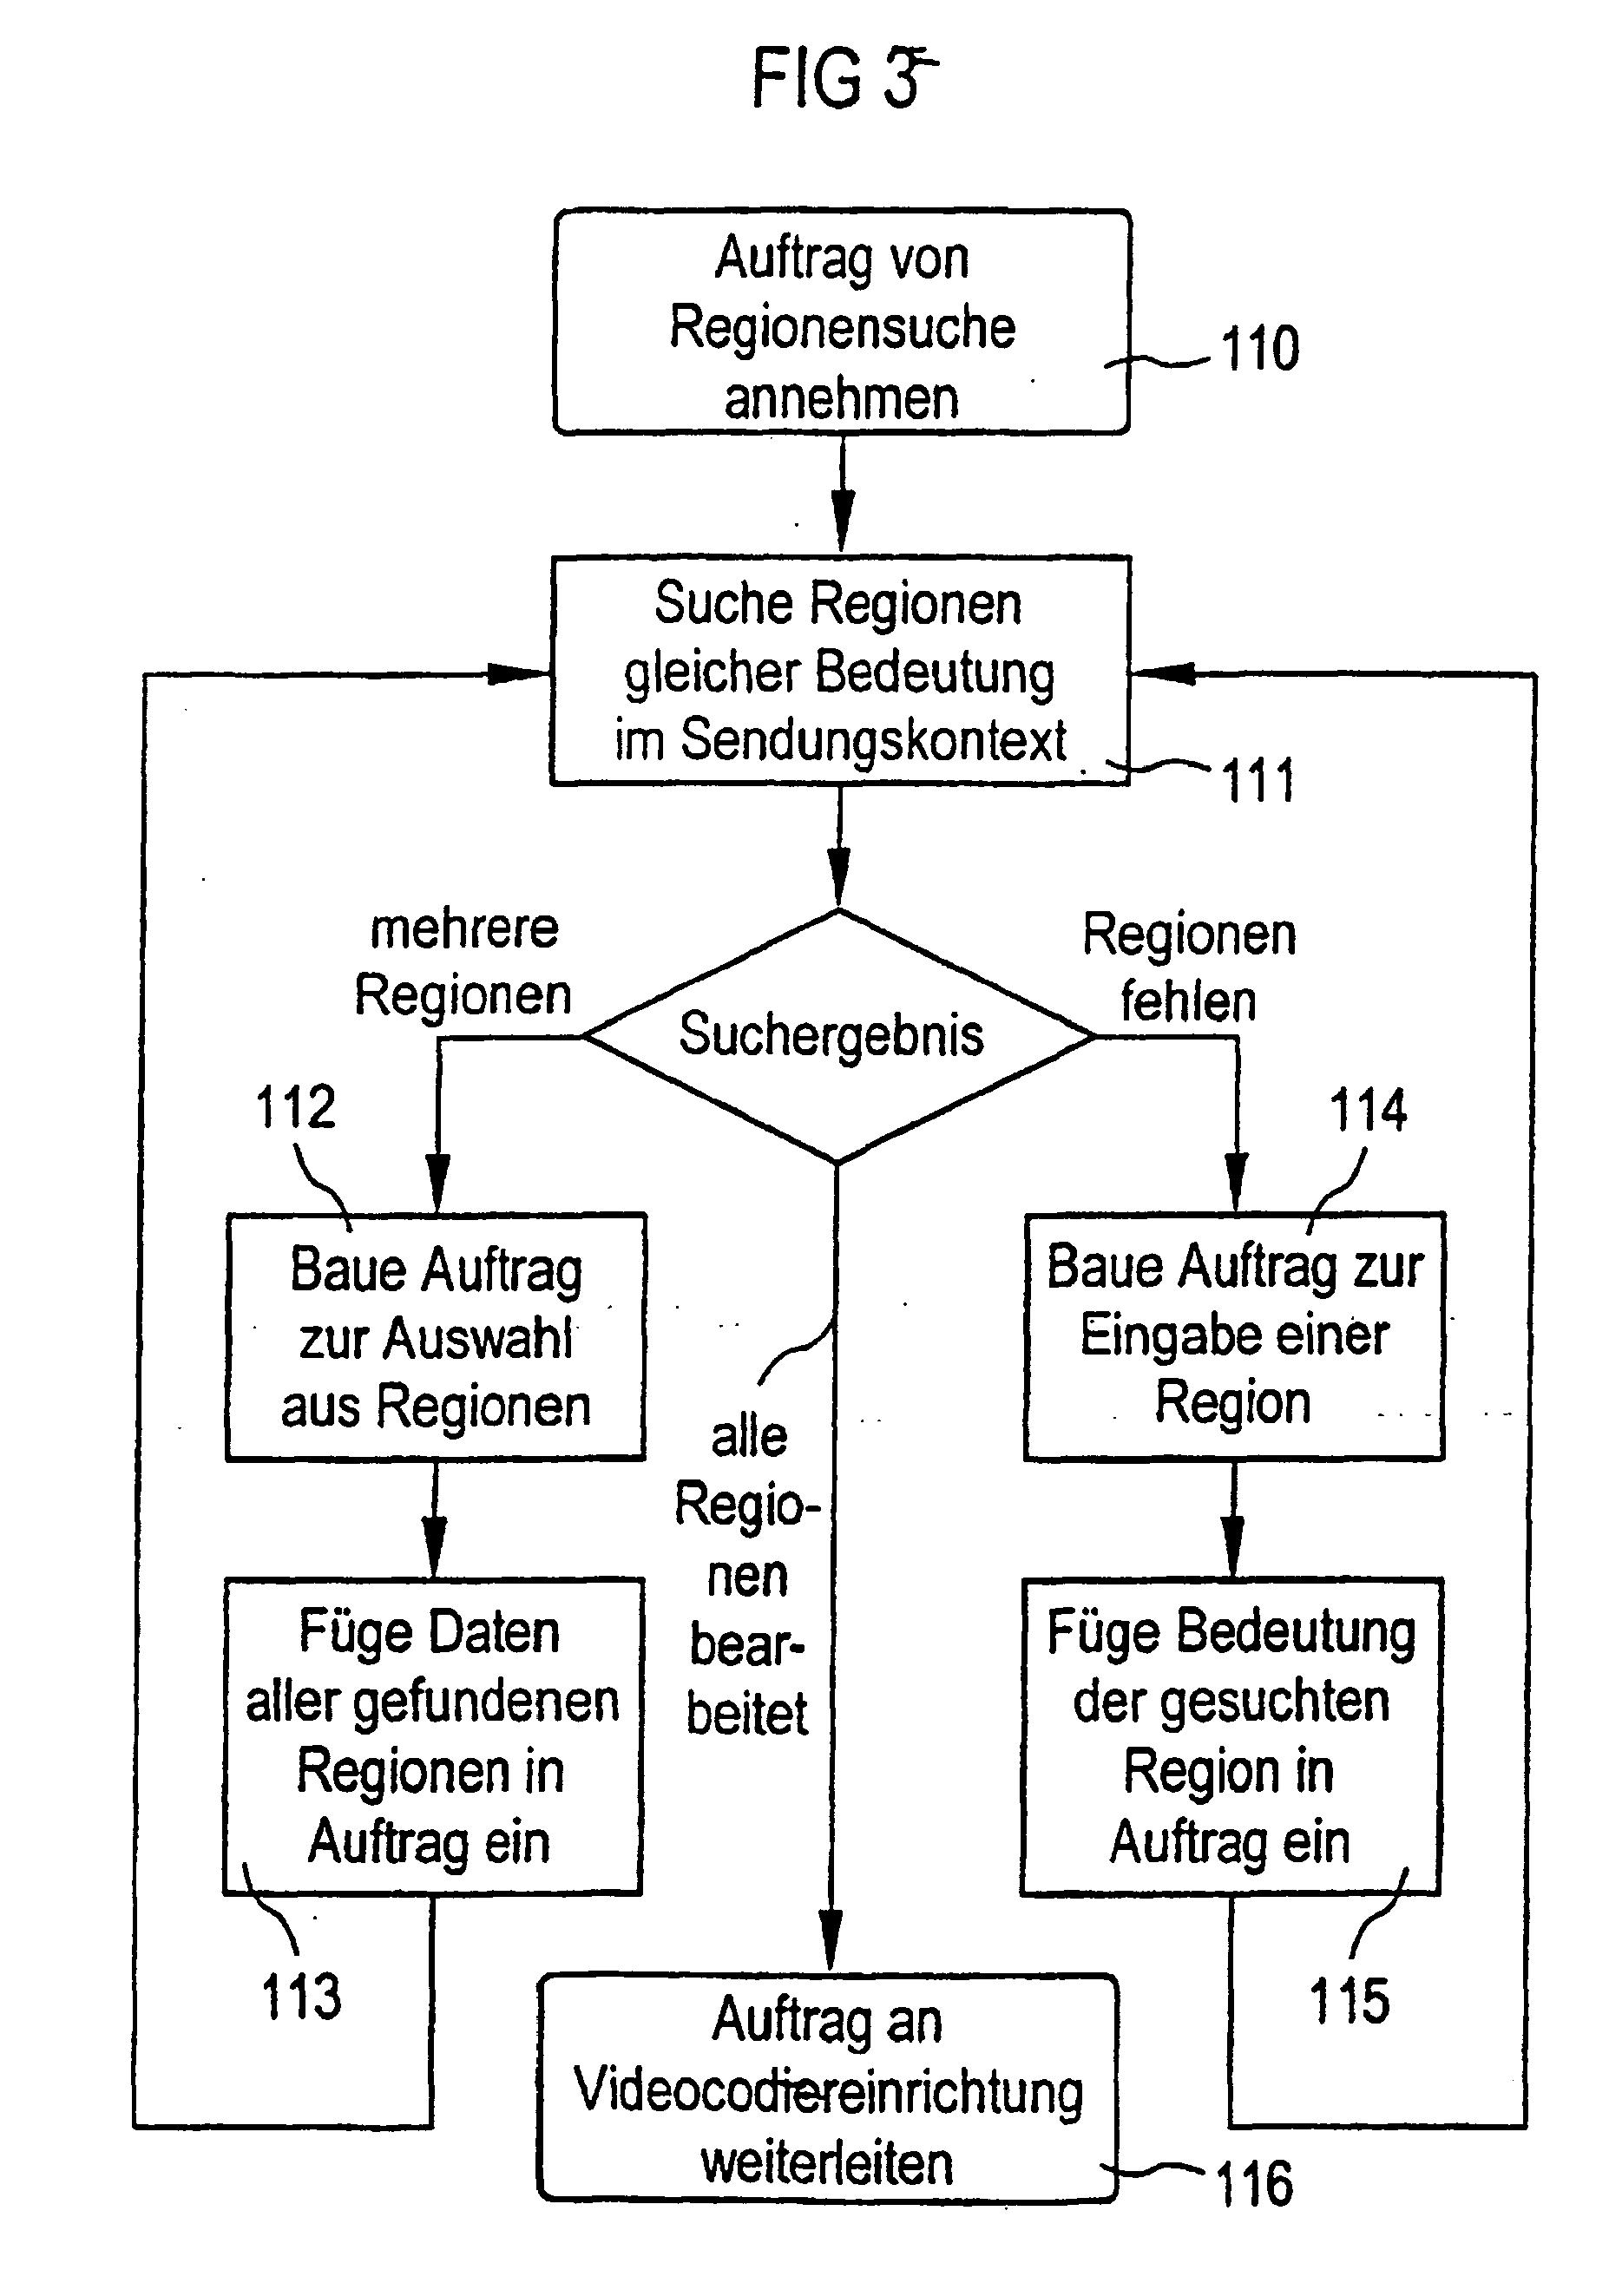 ep1027174b3 verfahren und anordnung zum erkennen von verteilinformationen auf sendungen. Black Bedroom Furniture Sets. Home Design Ideas